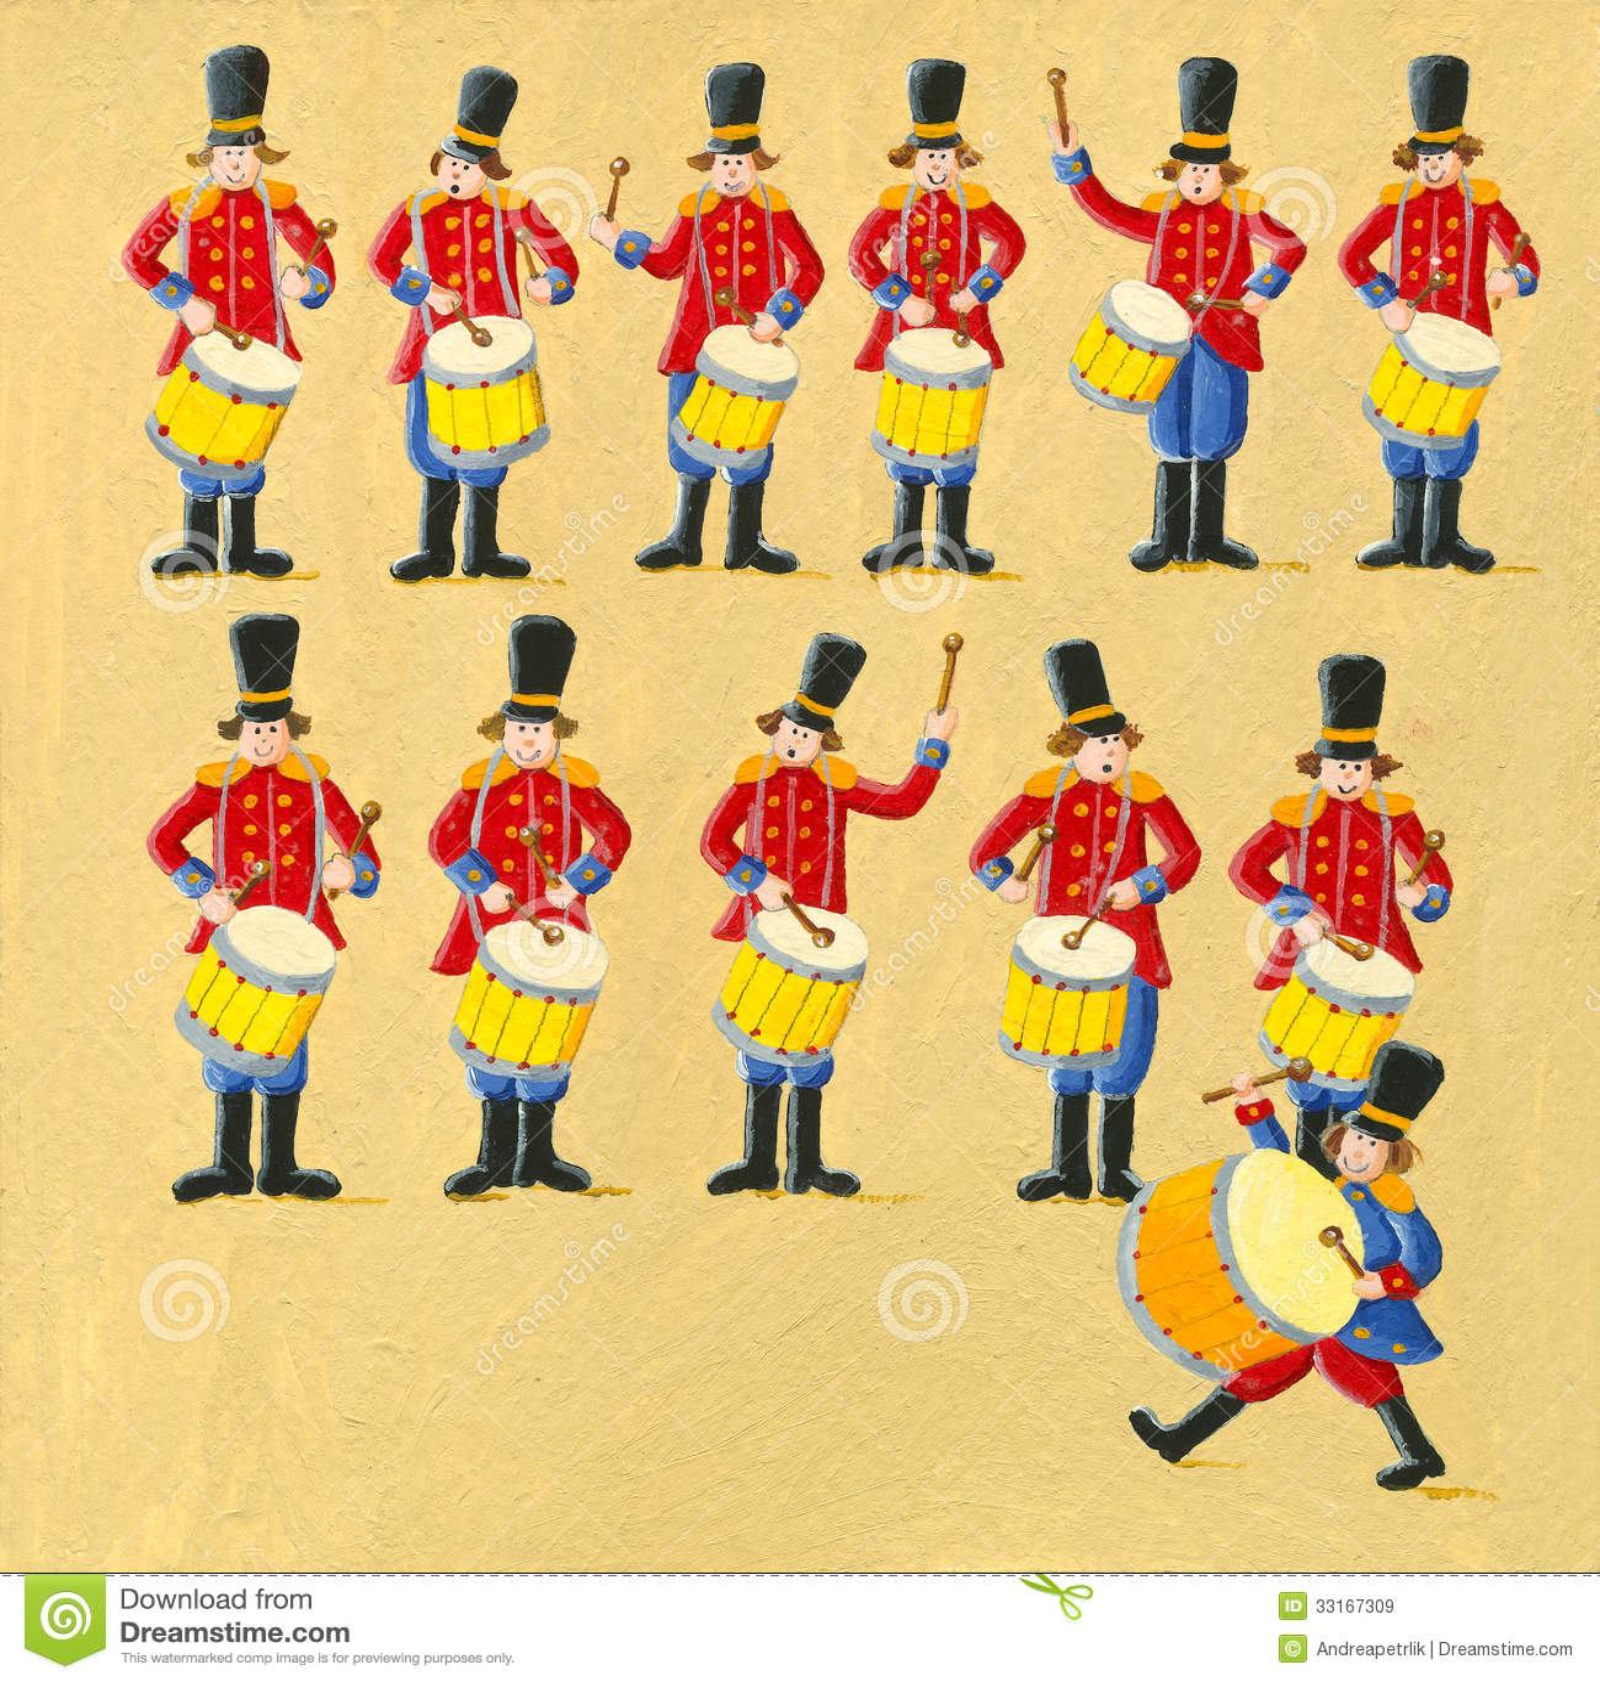 Twelve Drummers Drumming Royalty Free Stock Images - Image: 33167309